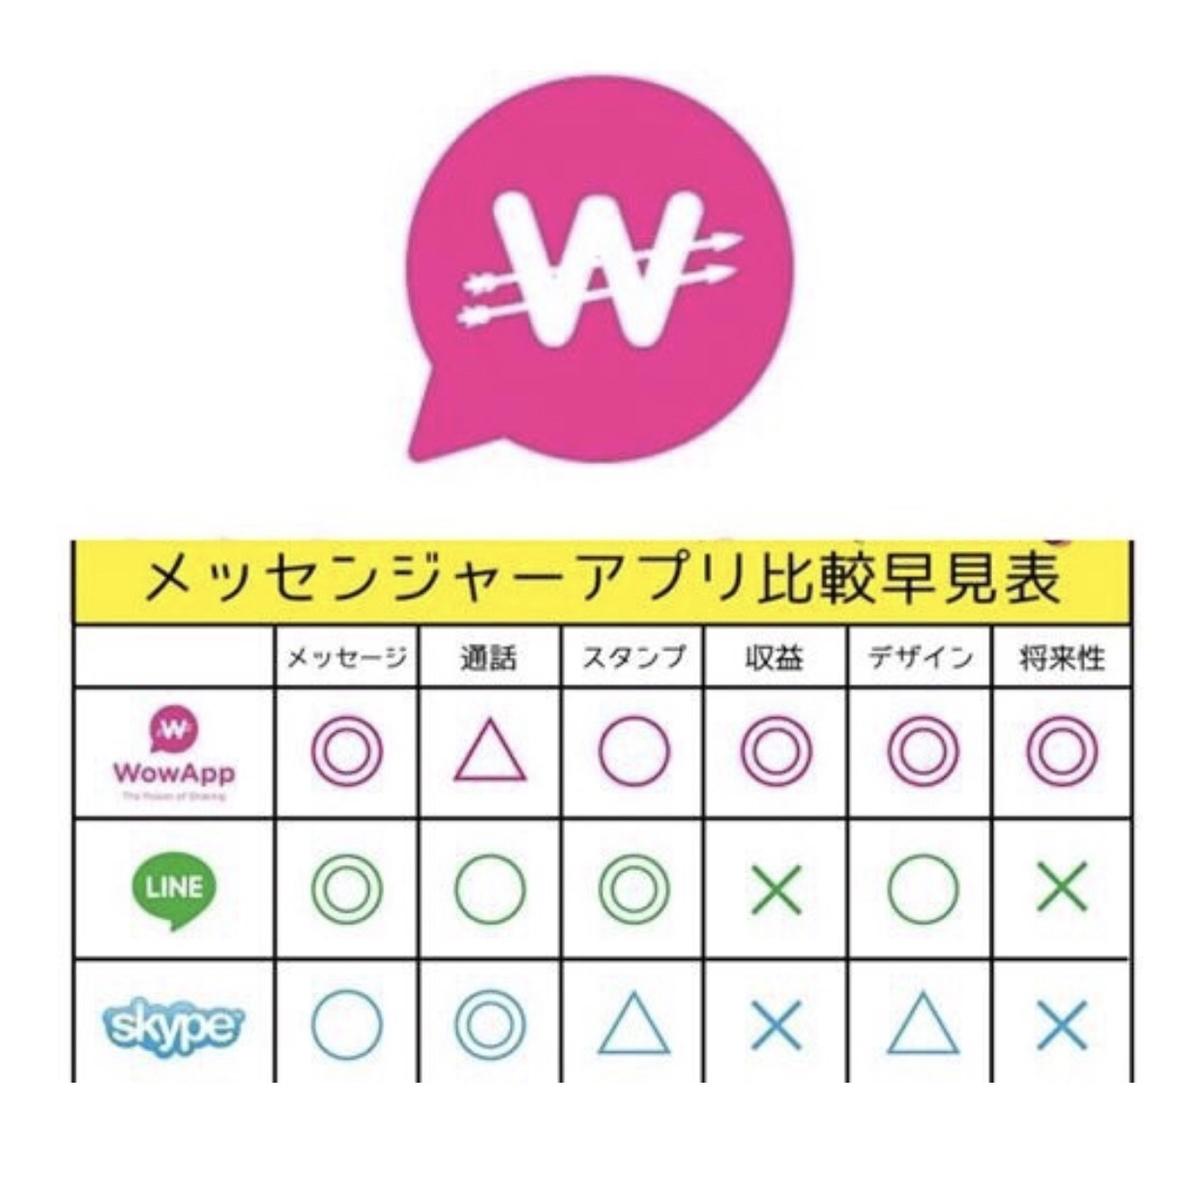 f:id:kaoruikeda:20200924083507j:plain